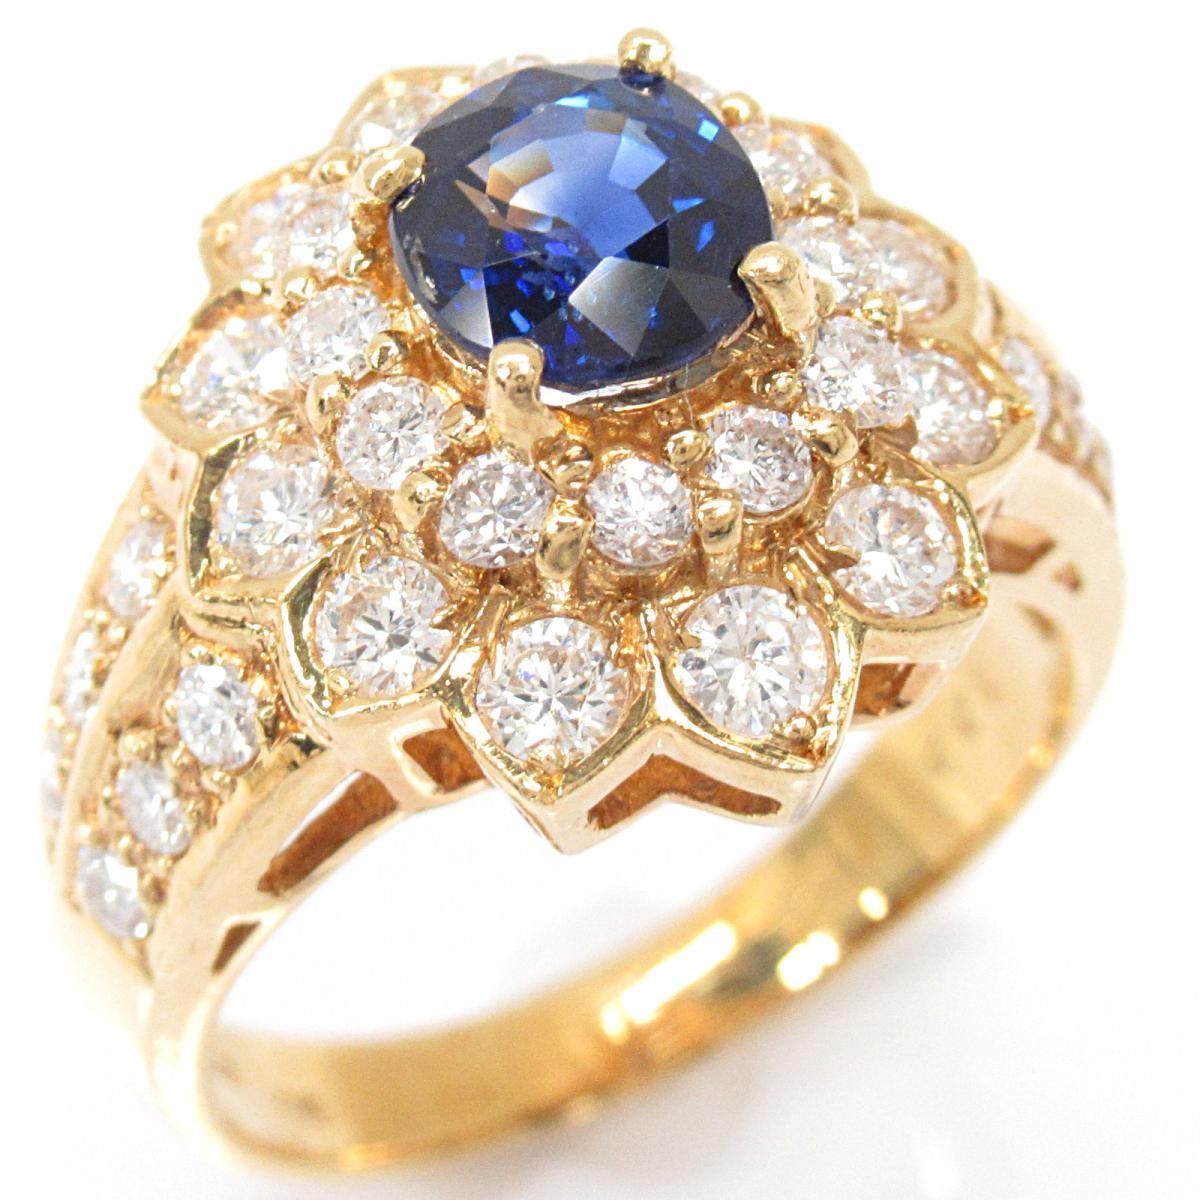 【中古】 ジュエリー サファイア リング 指輪 レディース K18YG (750) イエローゴールド x (1.25ct) ダイヤモンド (1.22ct)   JEWELRY BRANDOFF ブランドオフ ブランド アクセサリー